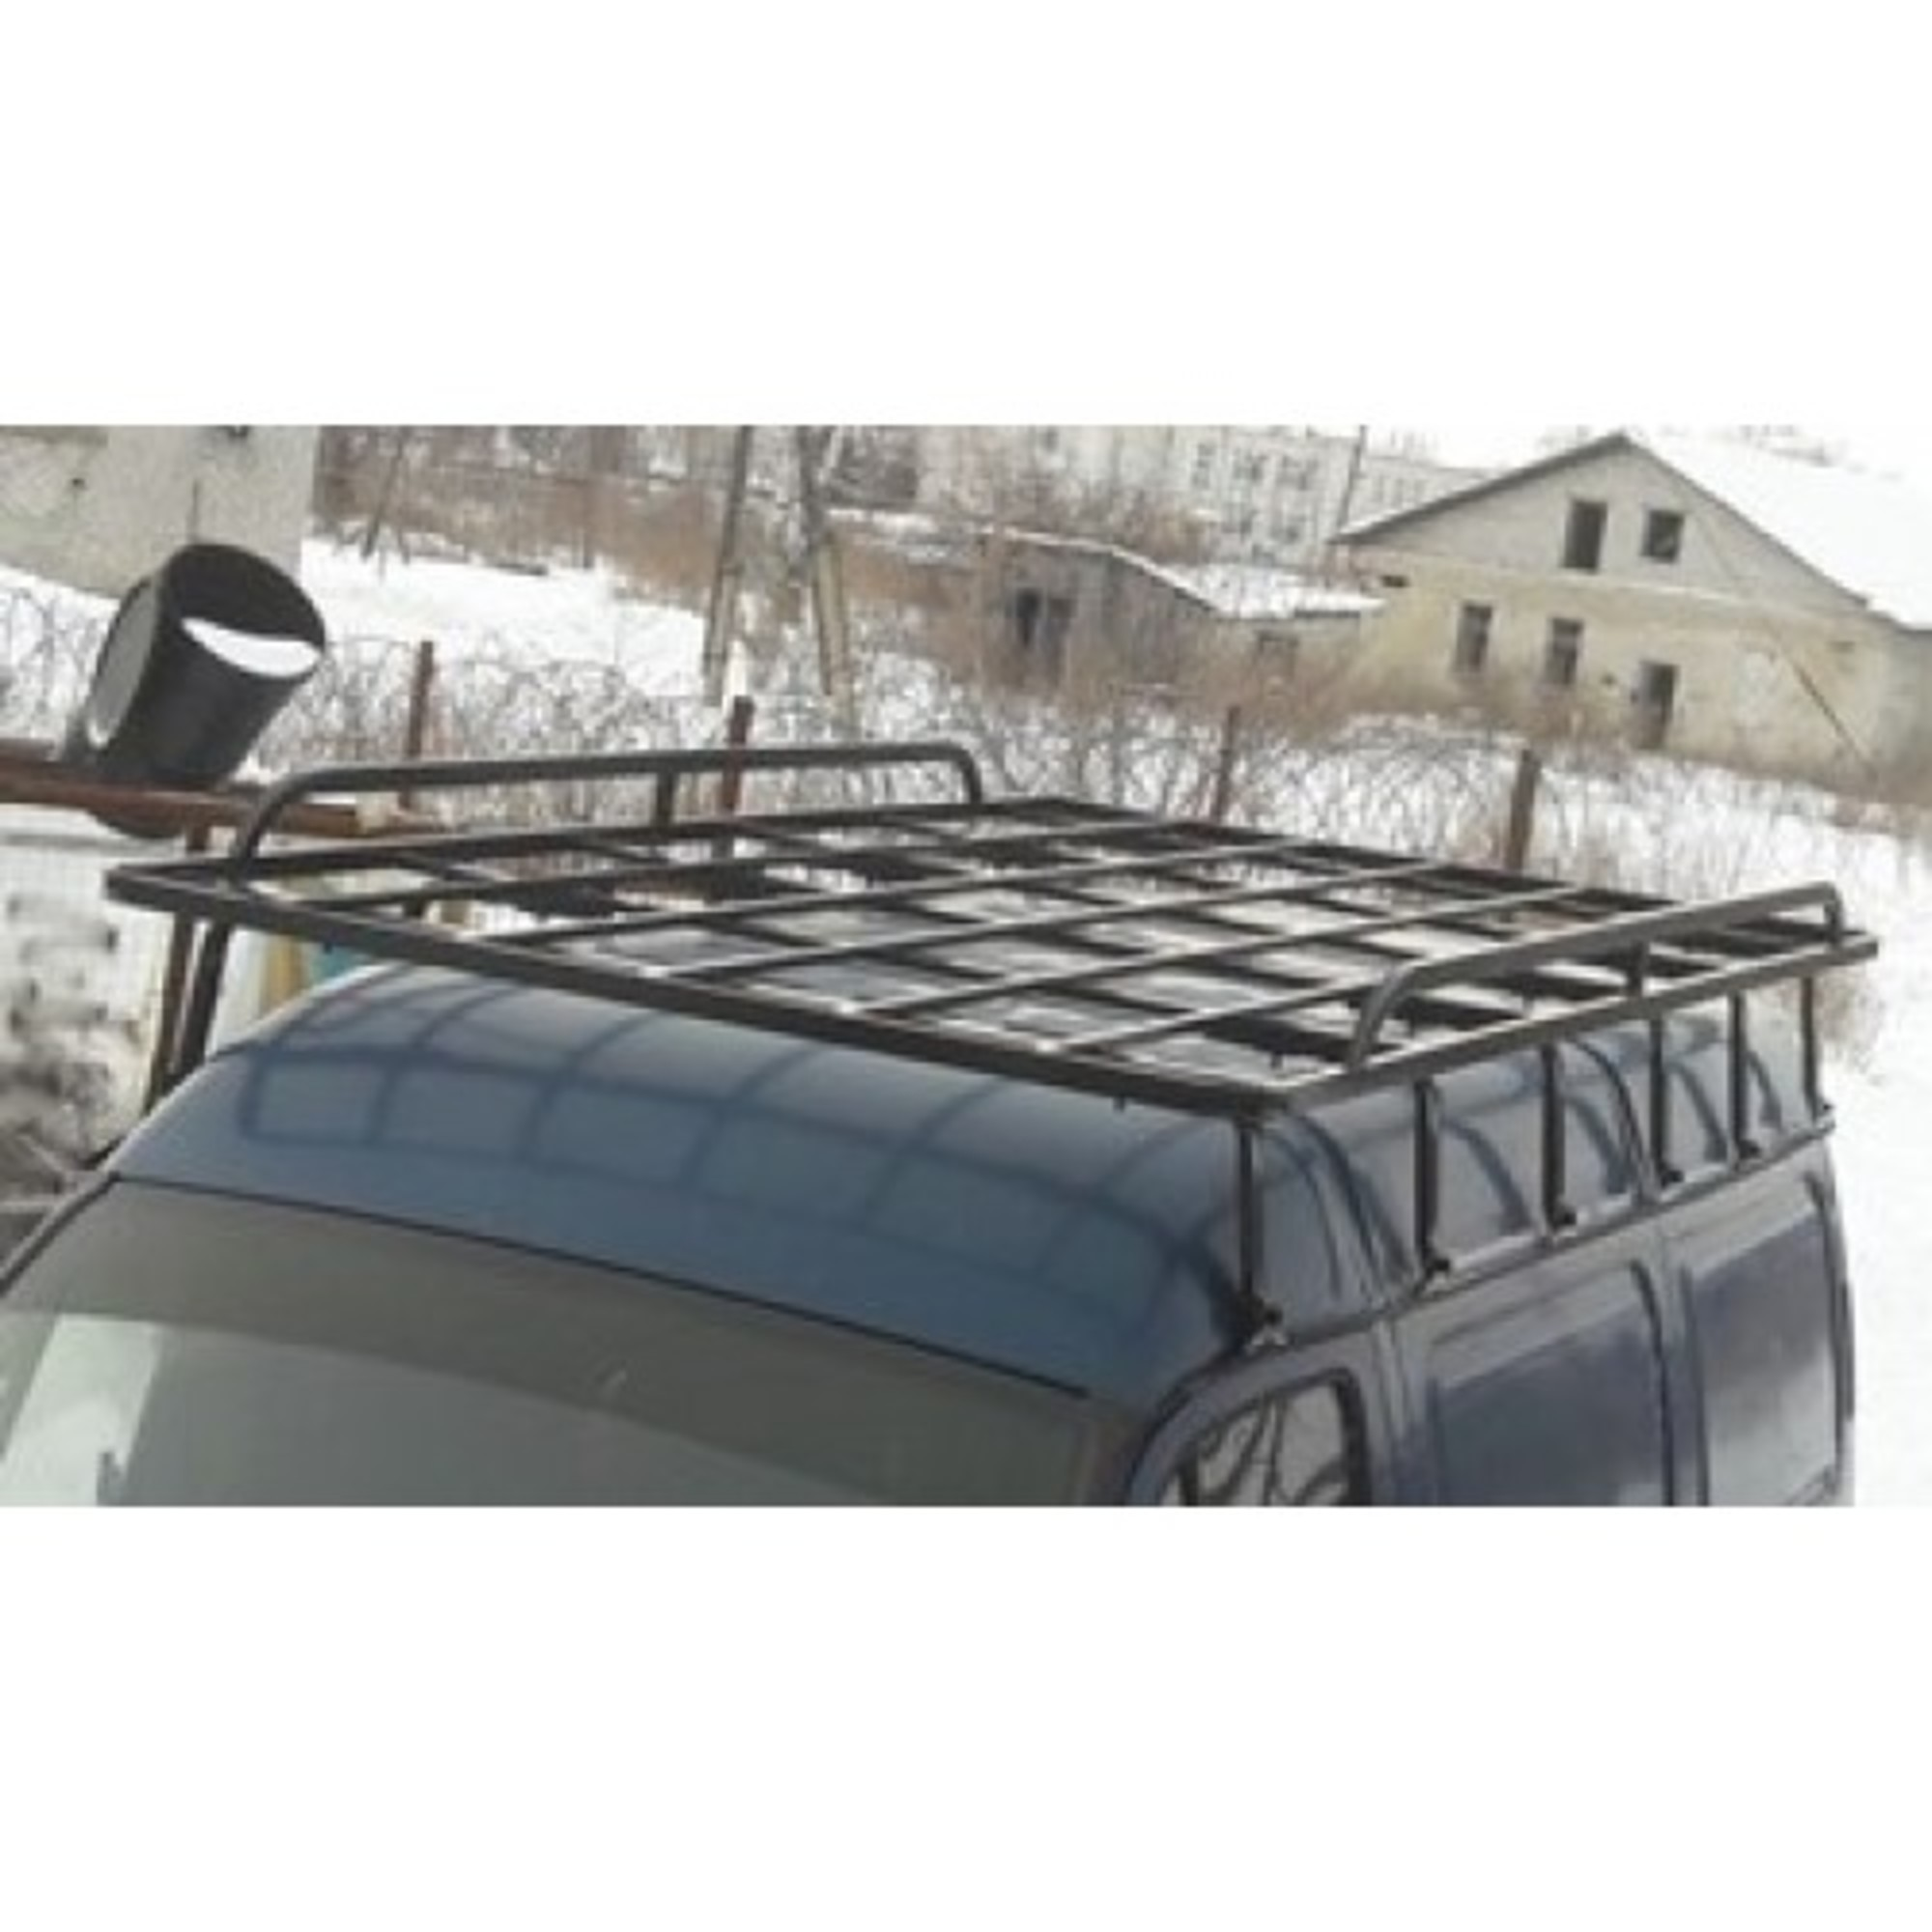 Багажник ГАЗель ПРОЛЕТ УСИЛЕННЫЙ 12опор 3.20м